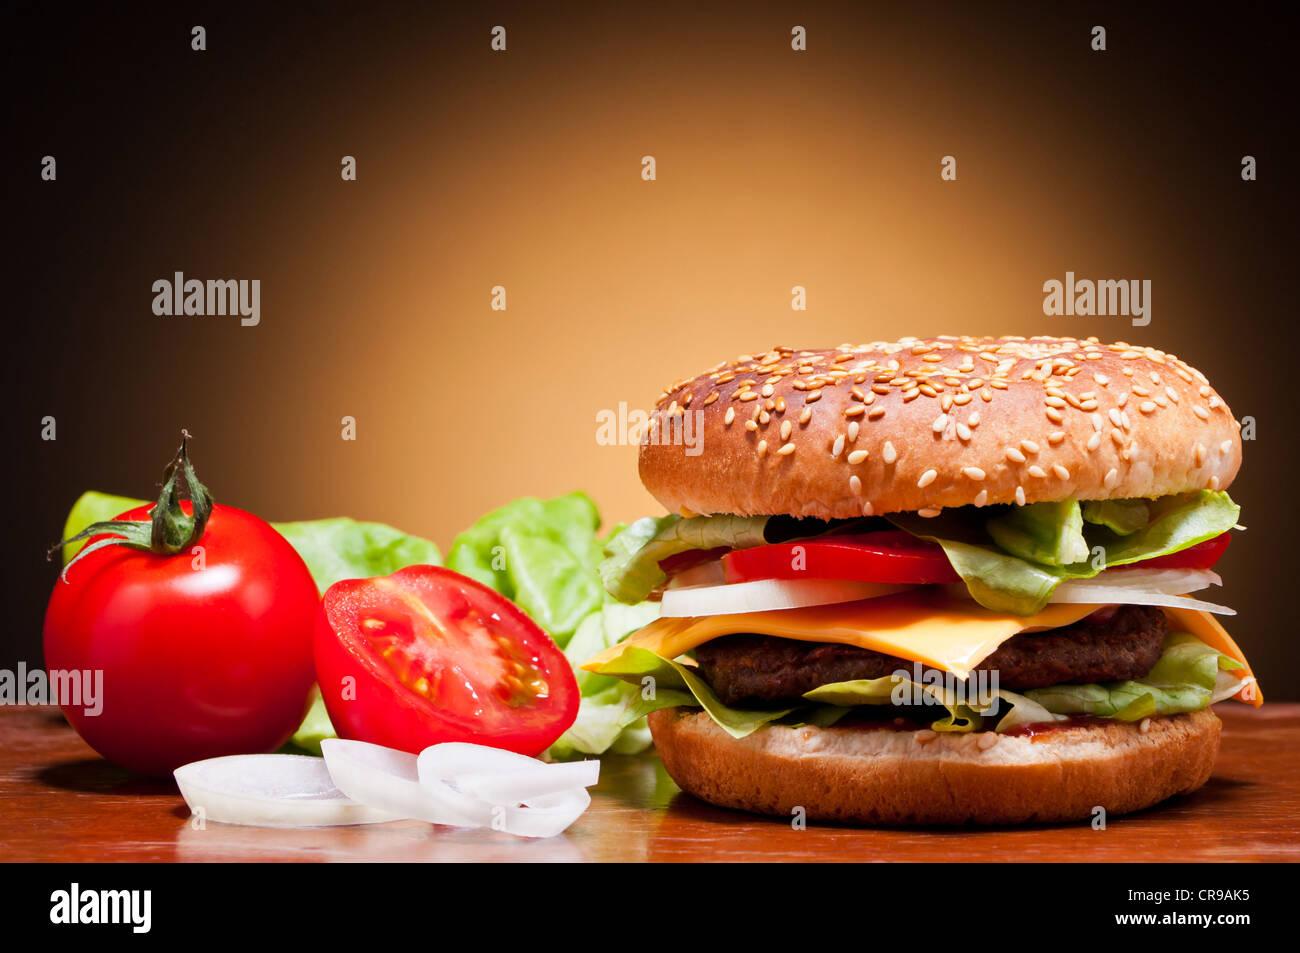 traditionellen Hamburger und Gemüse Stilleben Stockbild